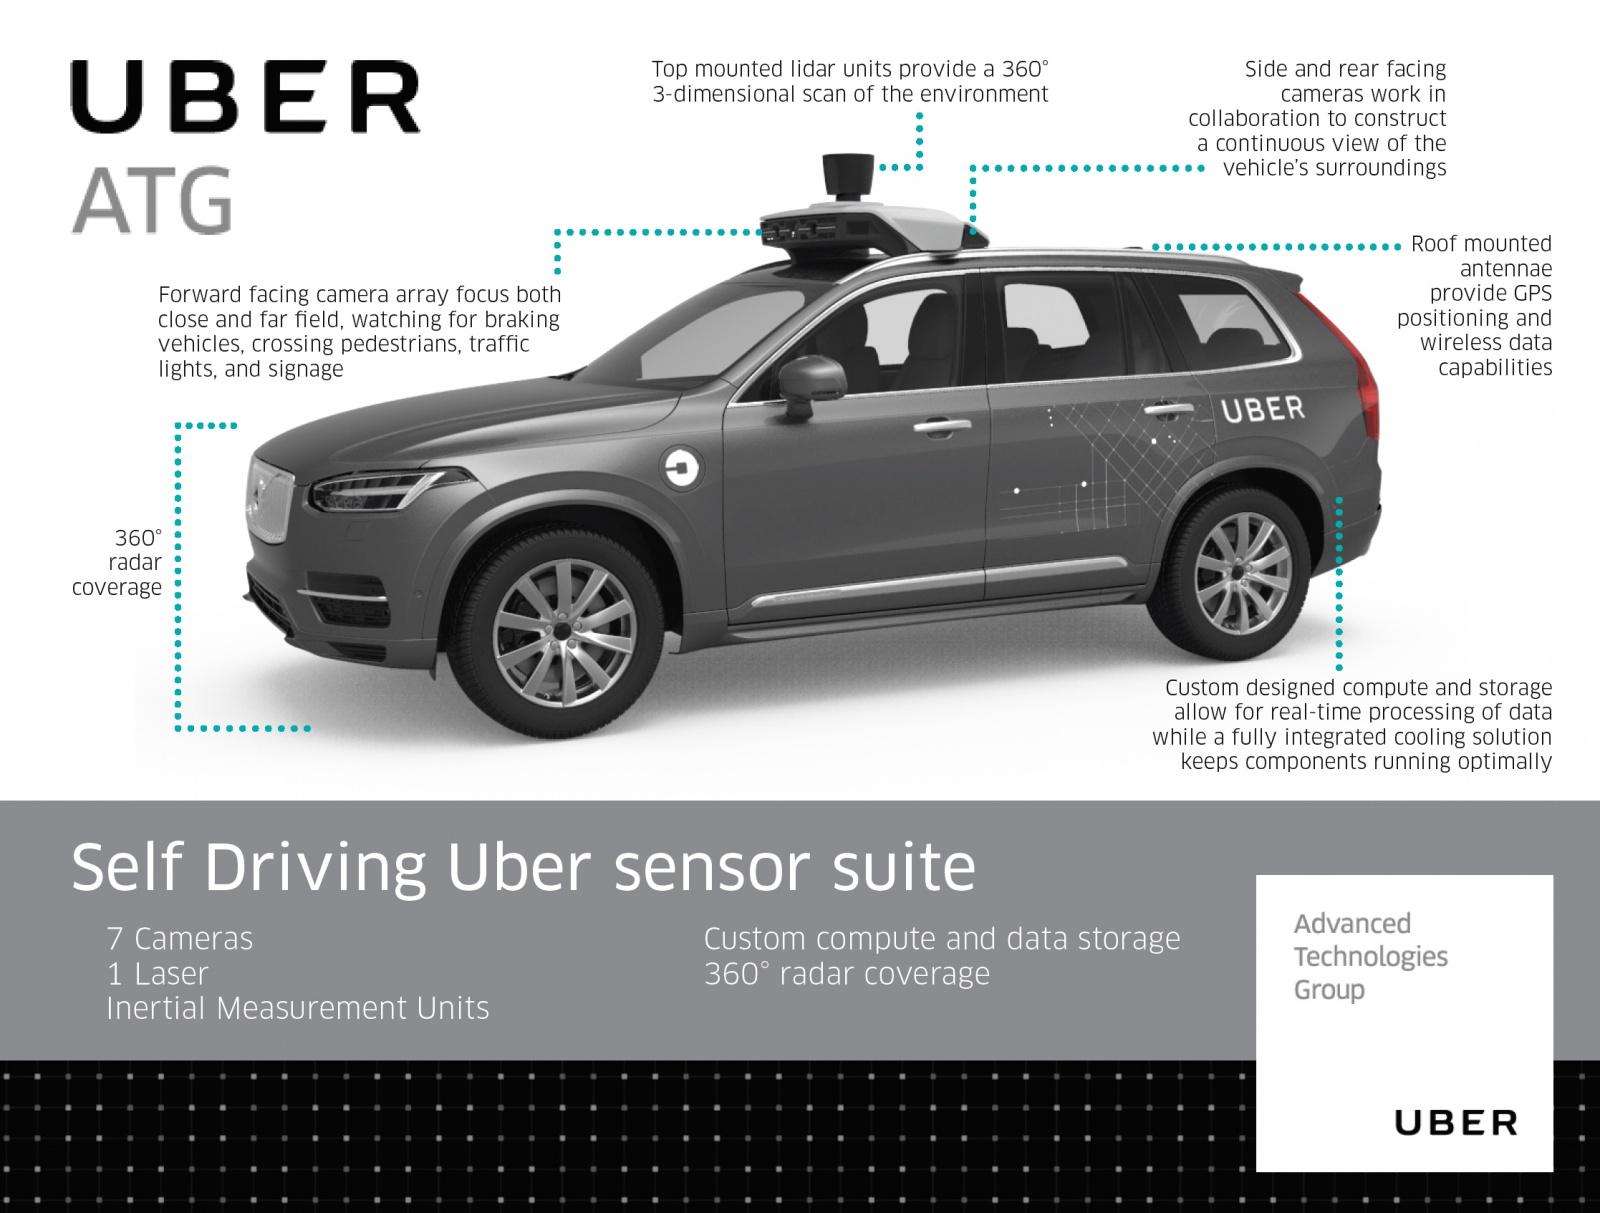 «Ложноположительное срабатывание». Стало известно, почему автопилот Uber не затормозил перед пешеходом - 1